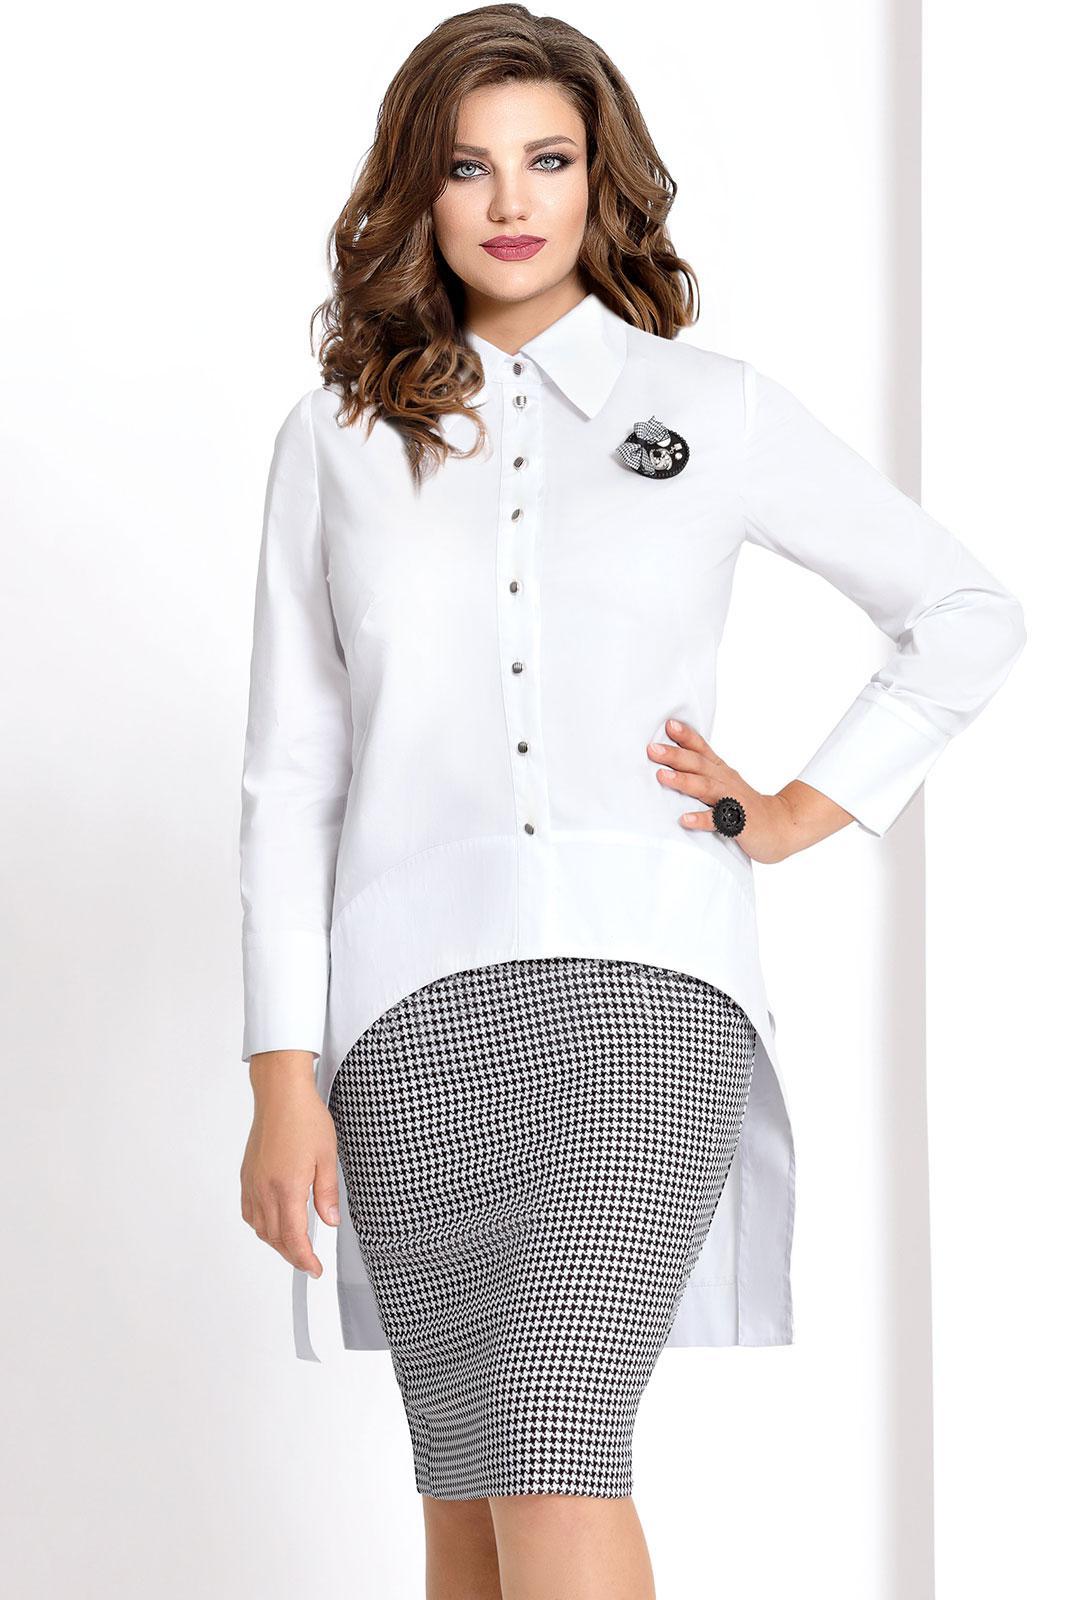 Купить Костюм Vittoria Queen, 6883 белый+светло-серый, Беларусь